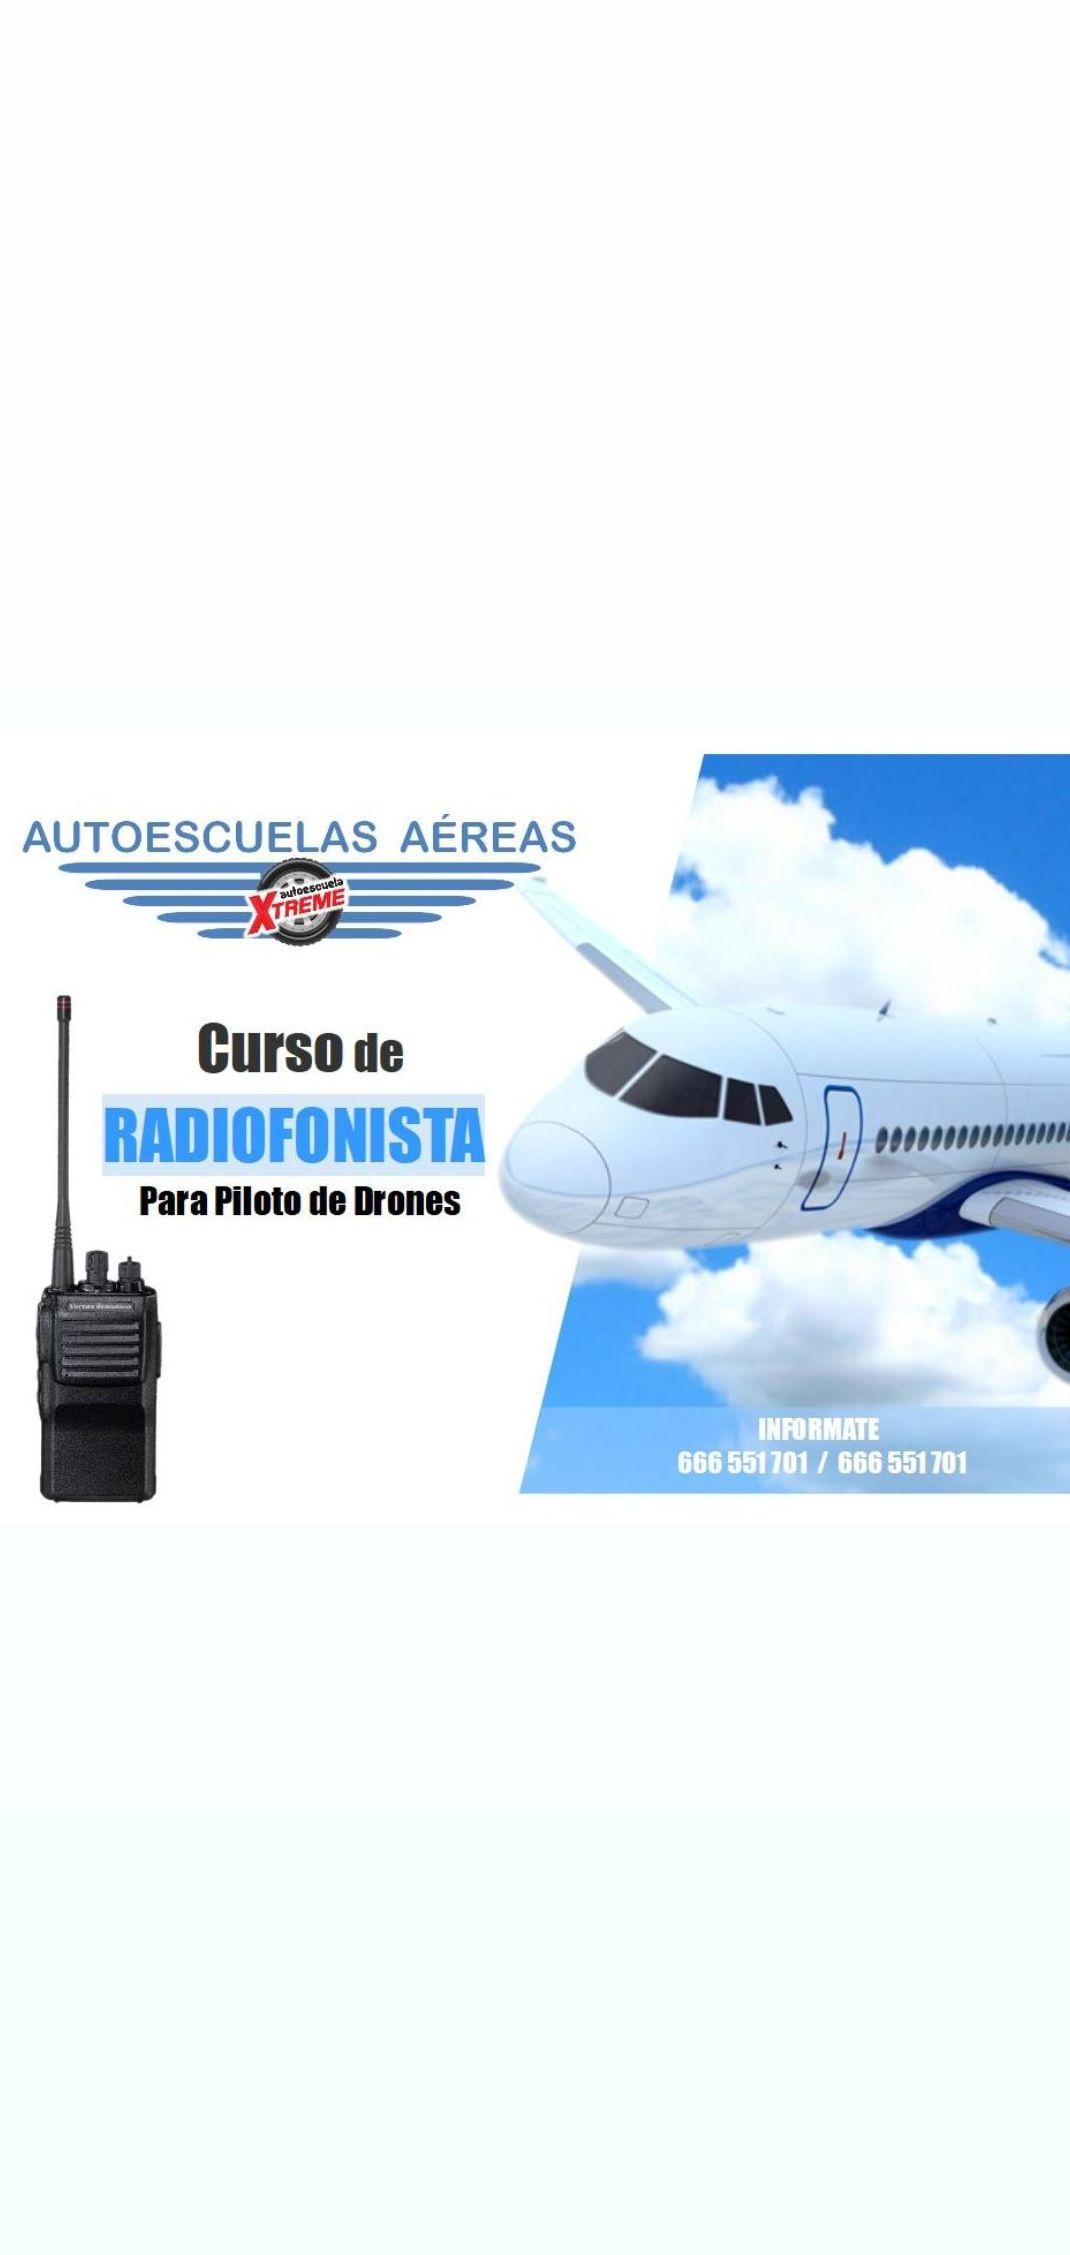 Curso de Radiofonista para piloto de drones en Madrid centro